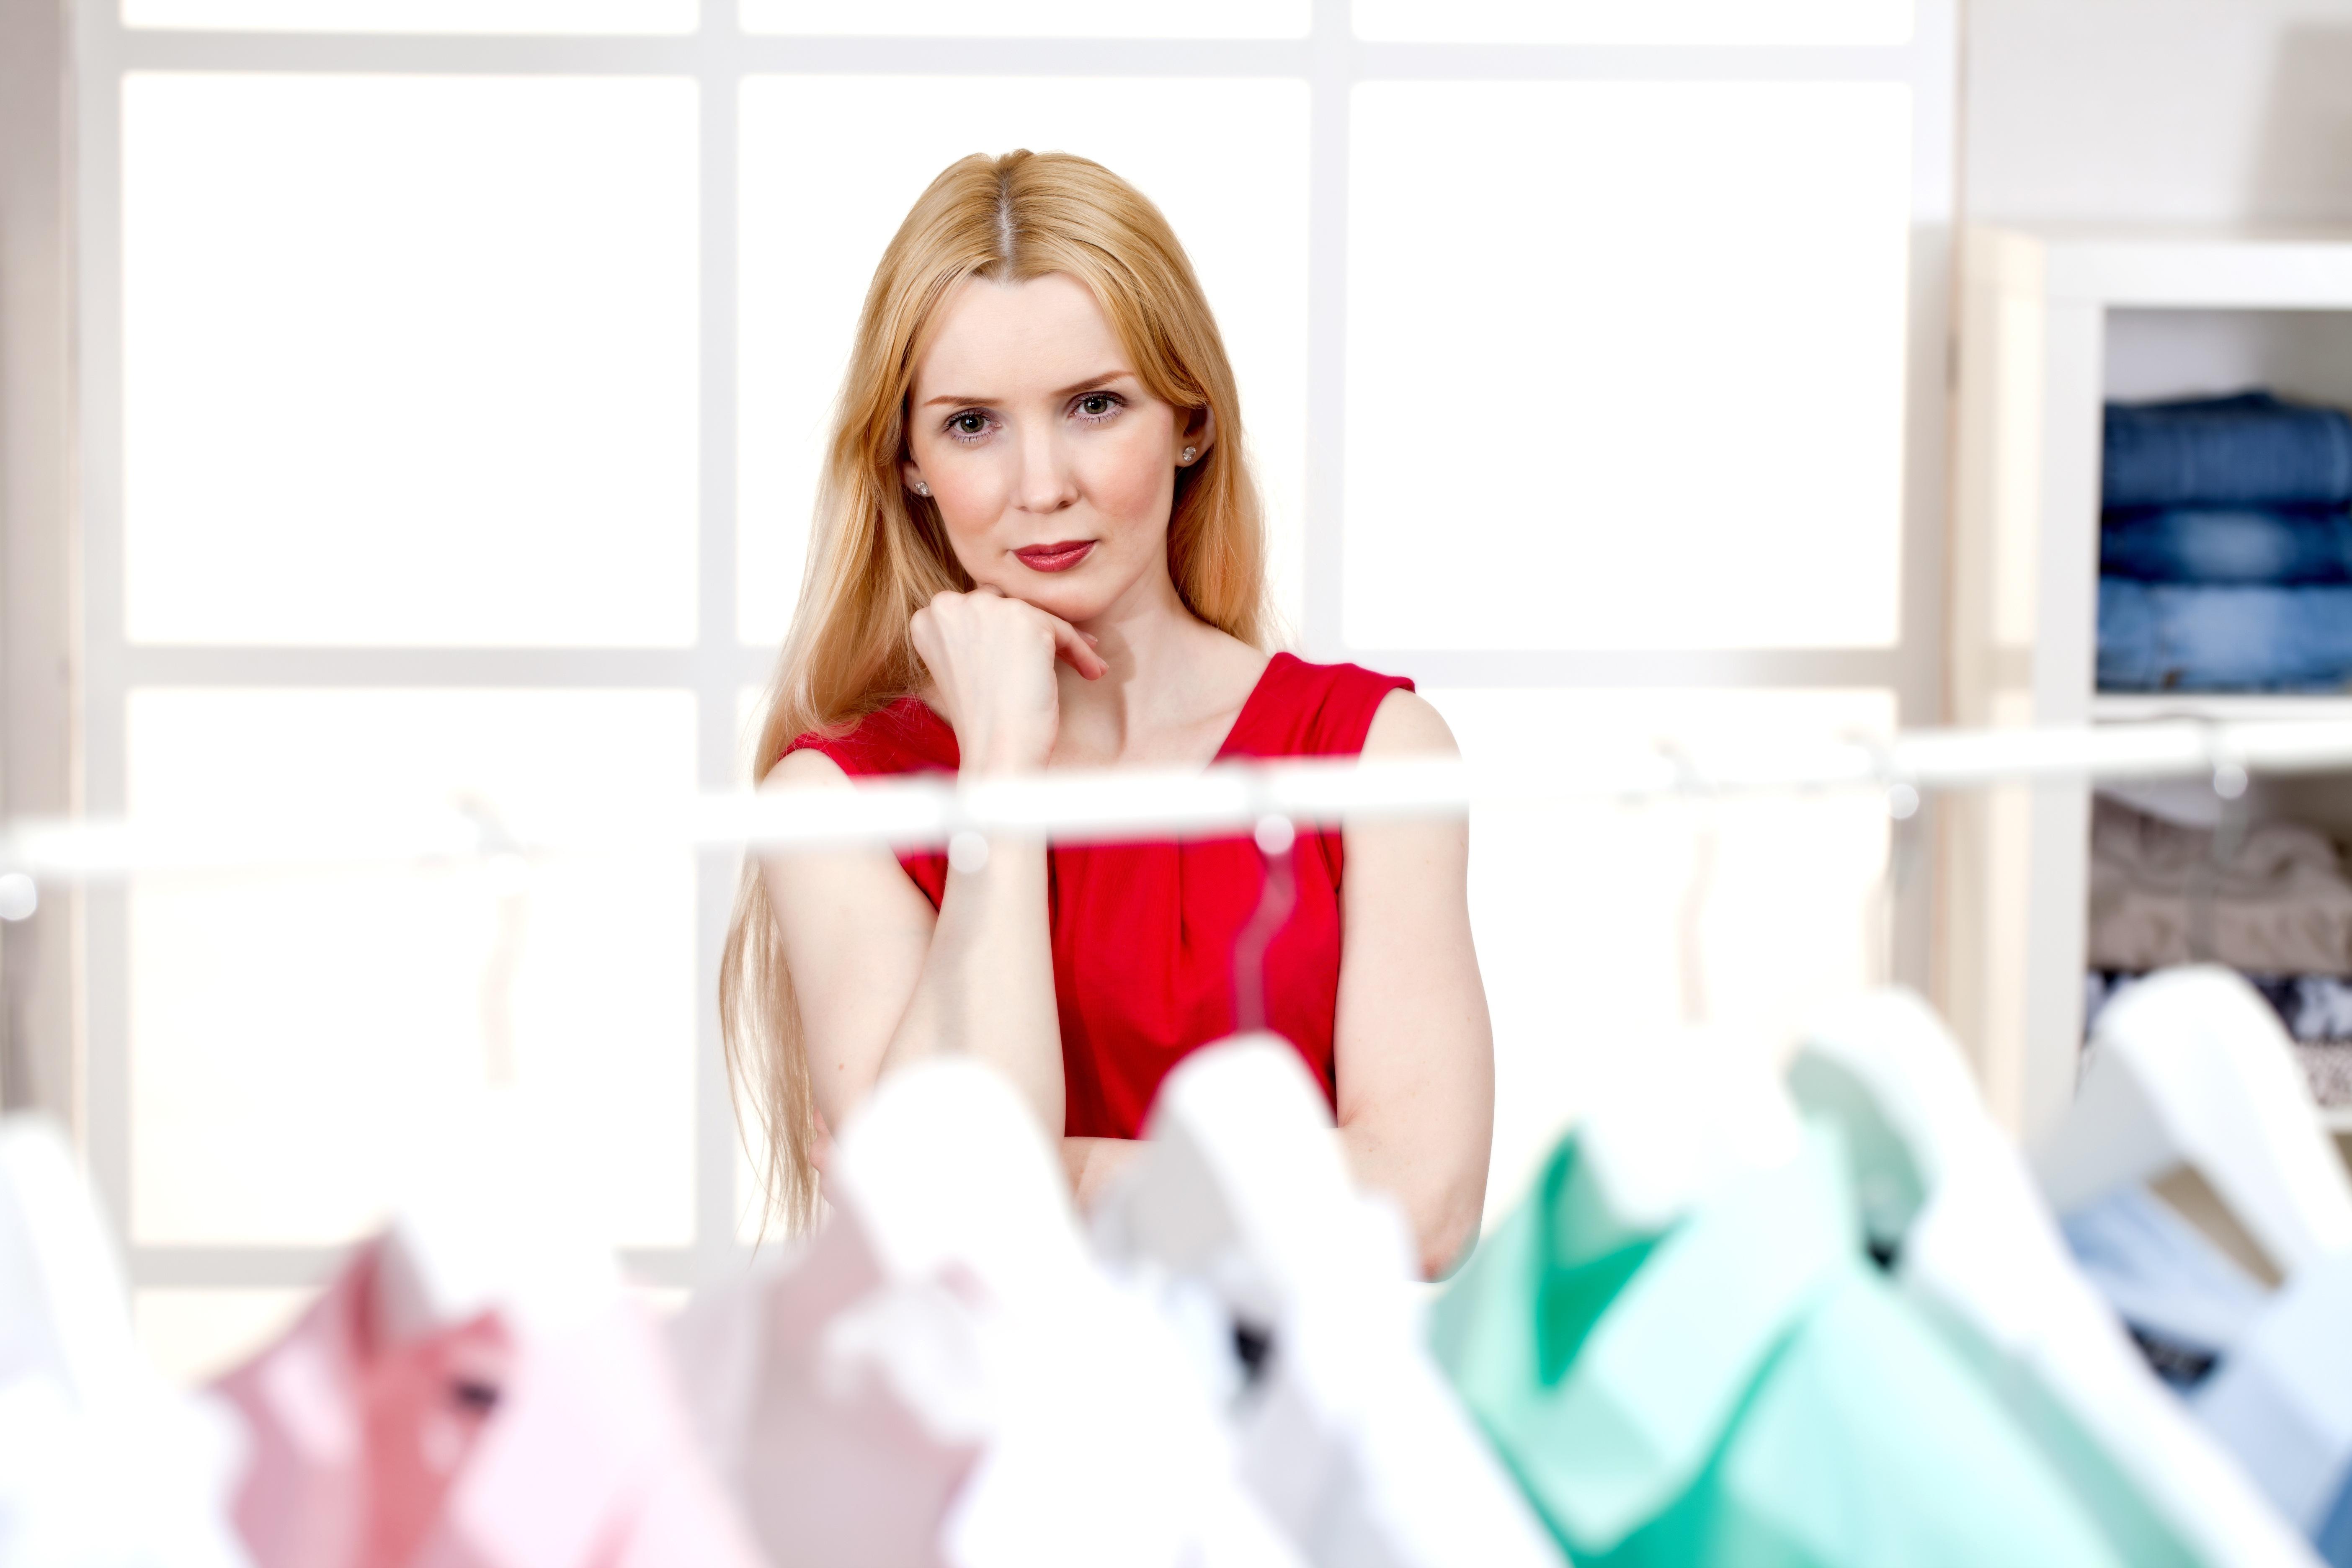 mode sadan spotter du kvalitetstoj og sko